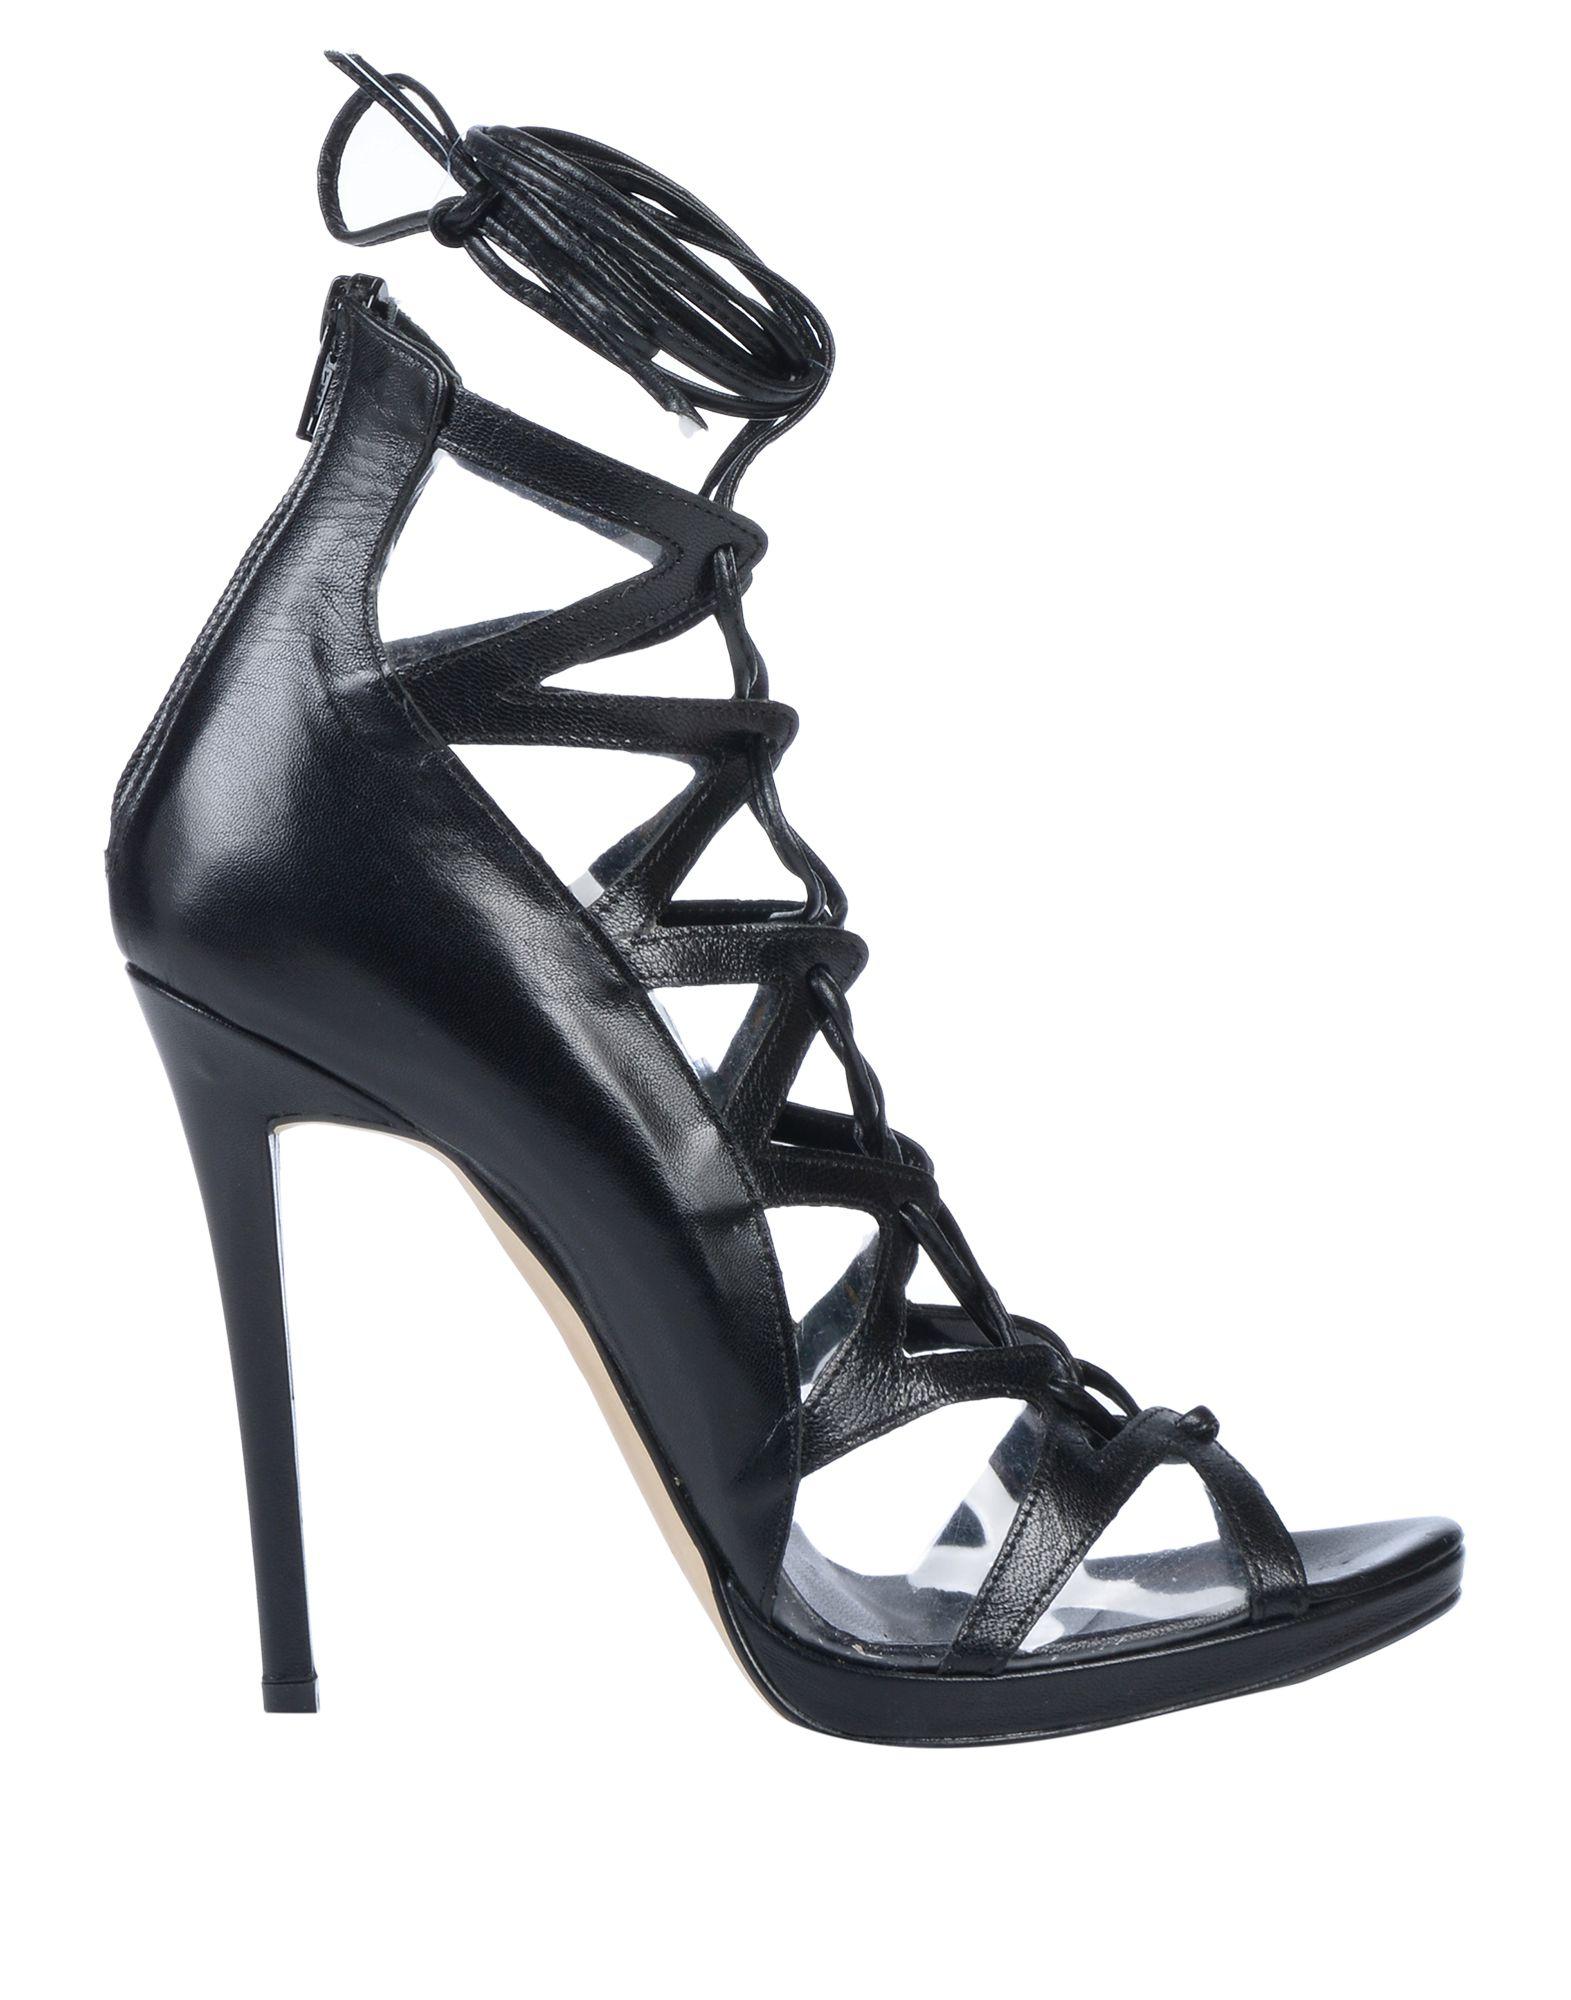 UNLACE Полусапоги и высокие ботинки плейбой бренд осенью открытый скалолазания и пешие прогулки досуга для дыхания и водонепроницаемым мужские ботинки